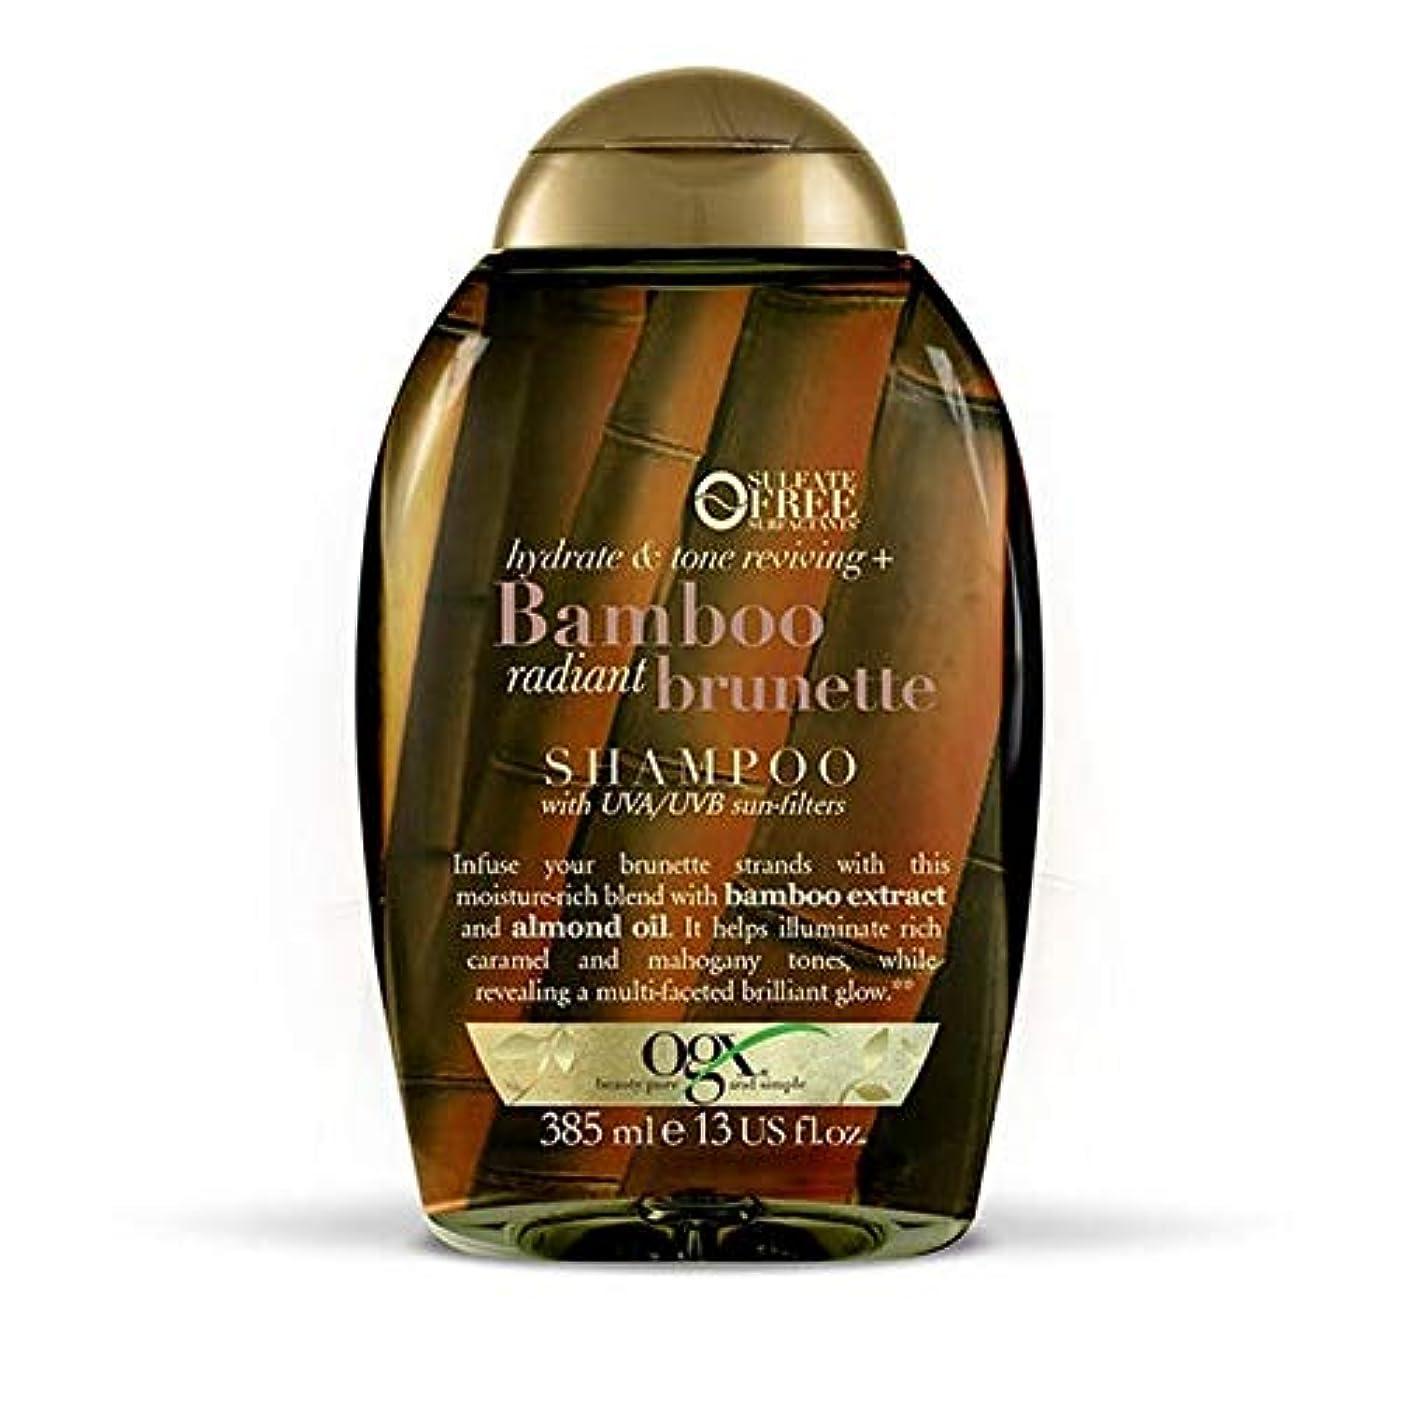 感染する征服者ブラウン[Ogx] Ogxカラー復活+竹ブルネットのシャンプー385ミリリットル - OGX Color Reviving + Bamboo Brunette Shampoo 385ml [並行輸入品]